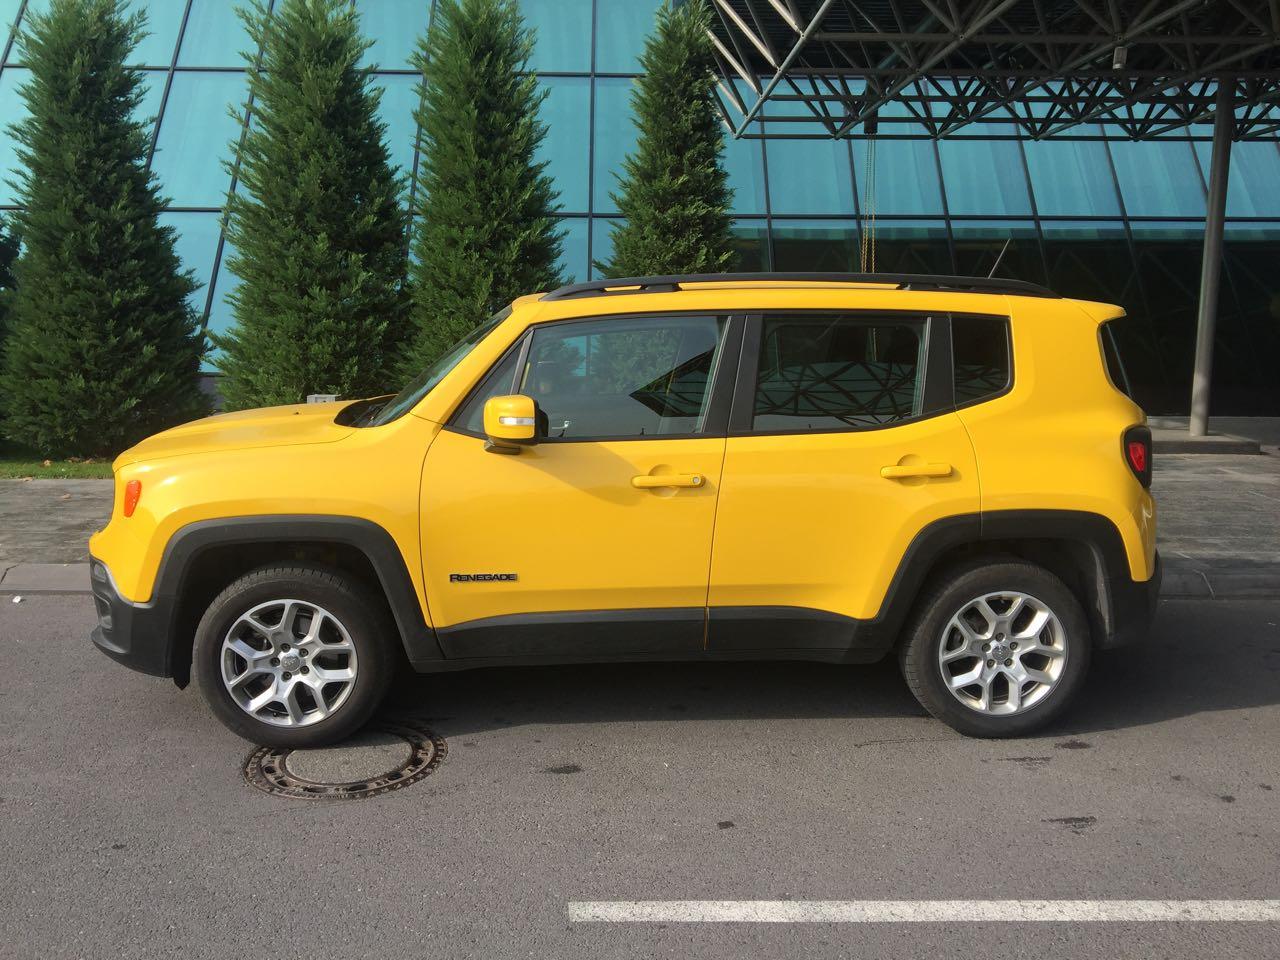 Car Rental Jeep Serbia Rent a Car Jeep Belgrade